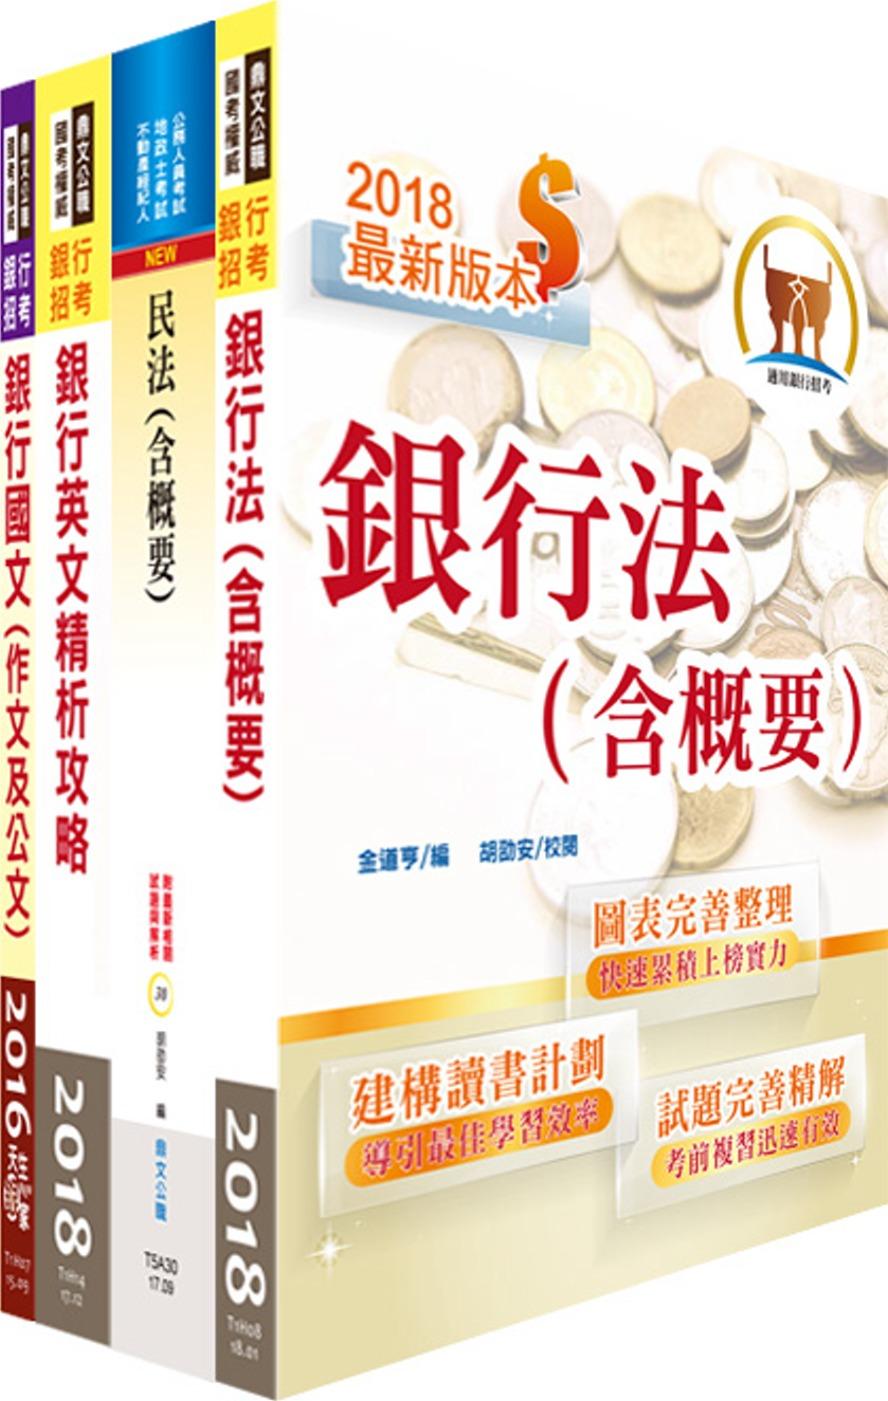 華南銀行(法令遵循暨洗錢防制人員)套書(不含洗錢防制法、金融法令)(贈題庫網帳號、雲端課程)